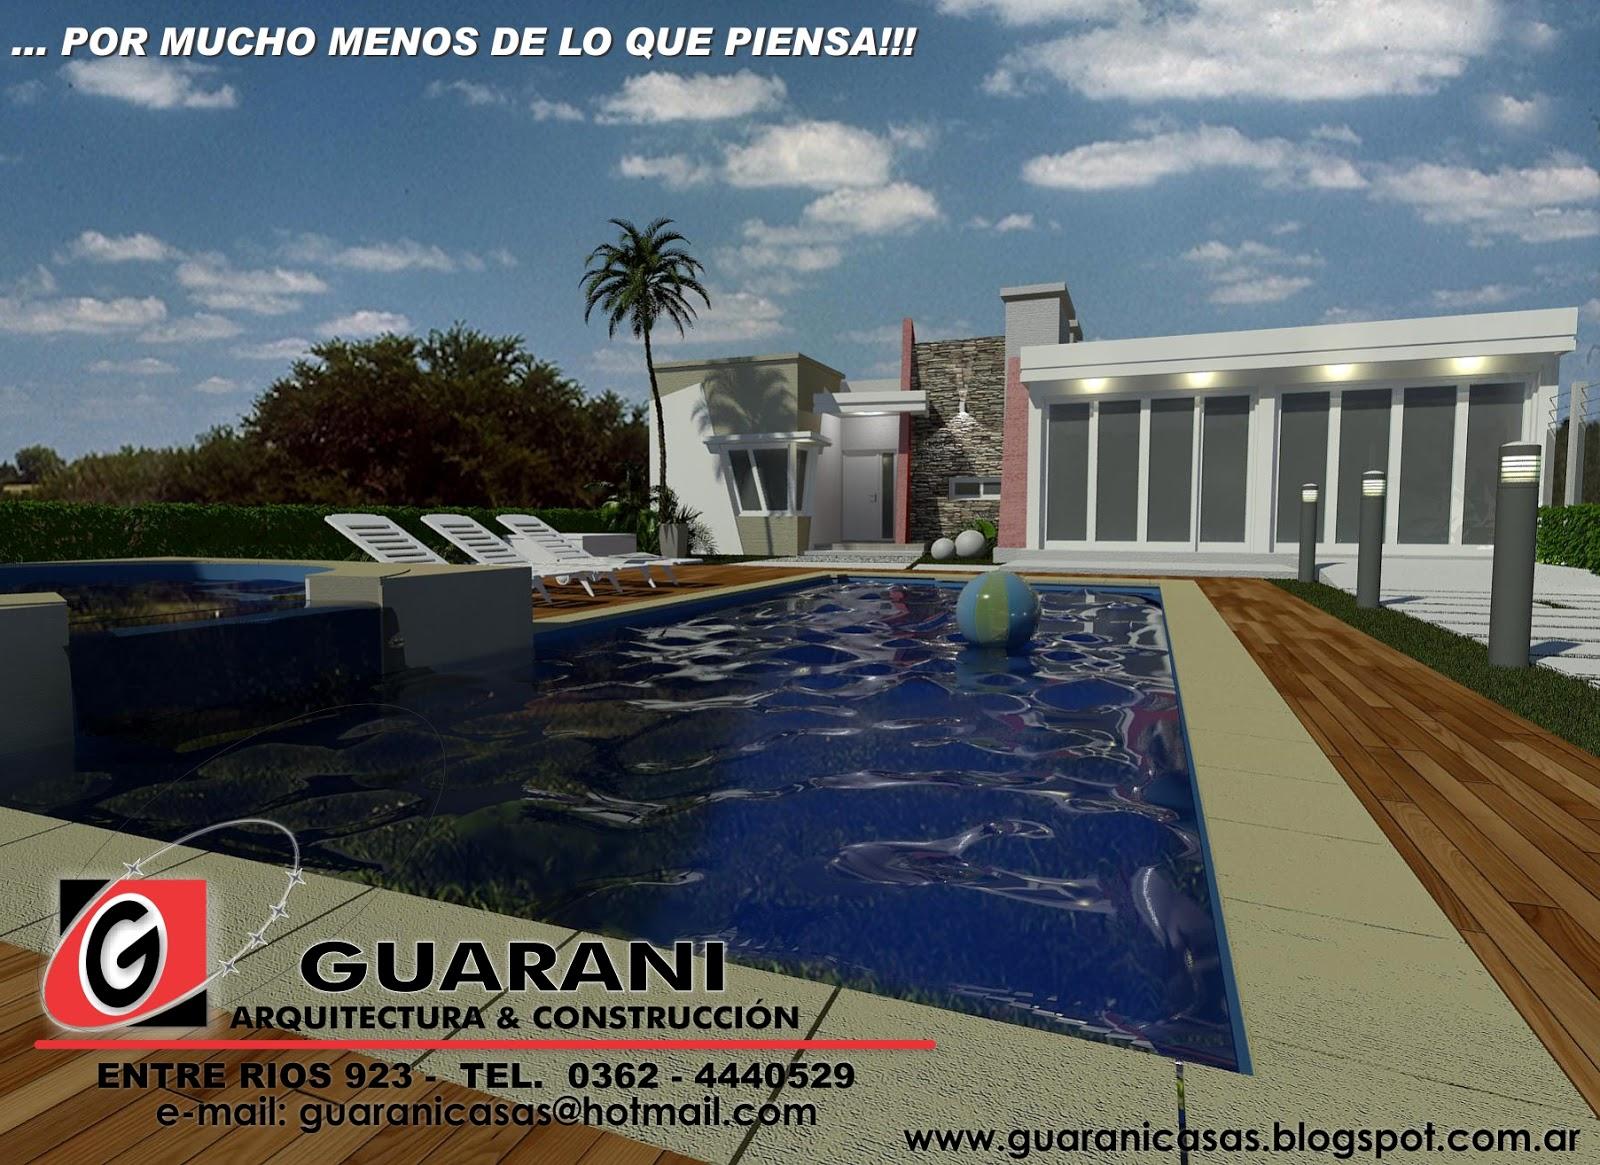 Arquitectura y construccion quincho y piscina de diego y for Arquitectura y construccion